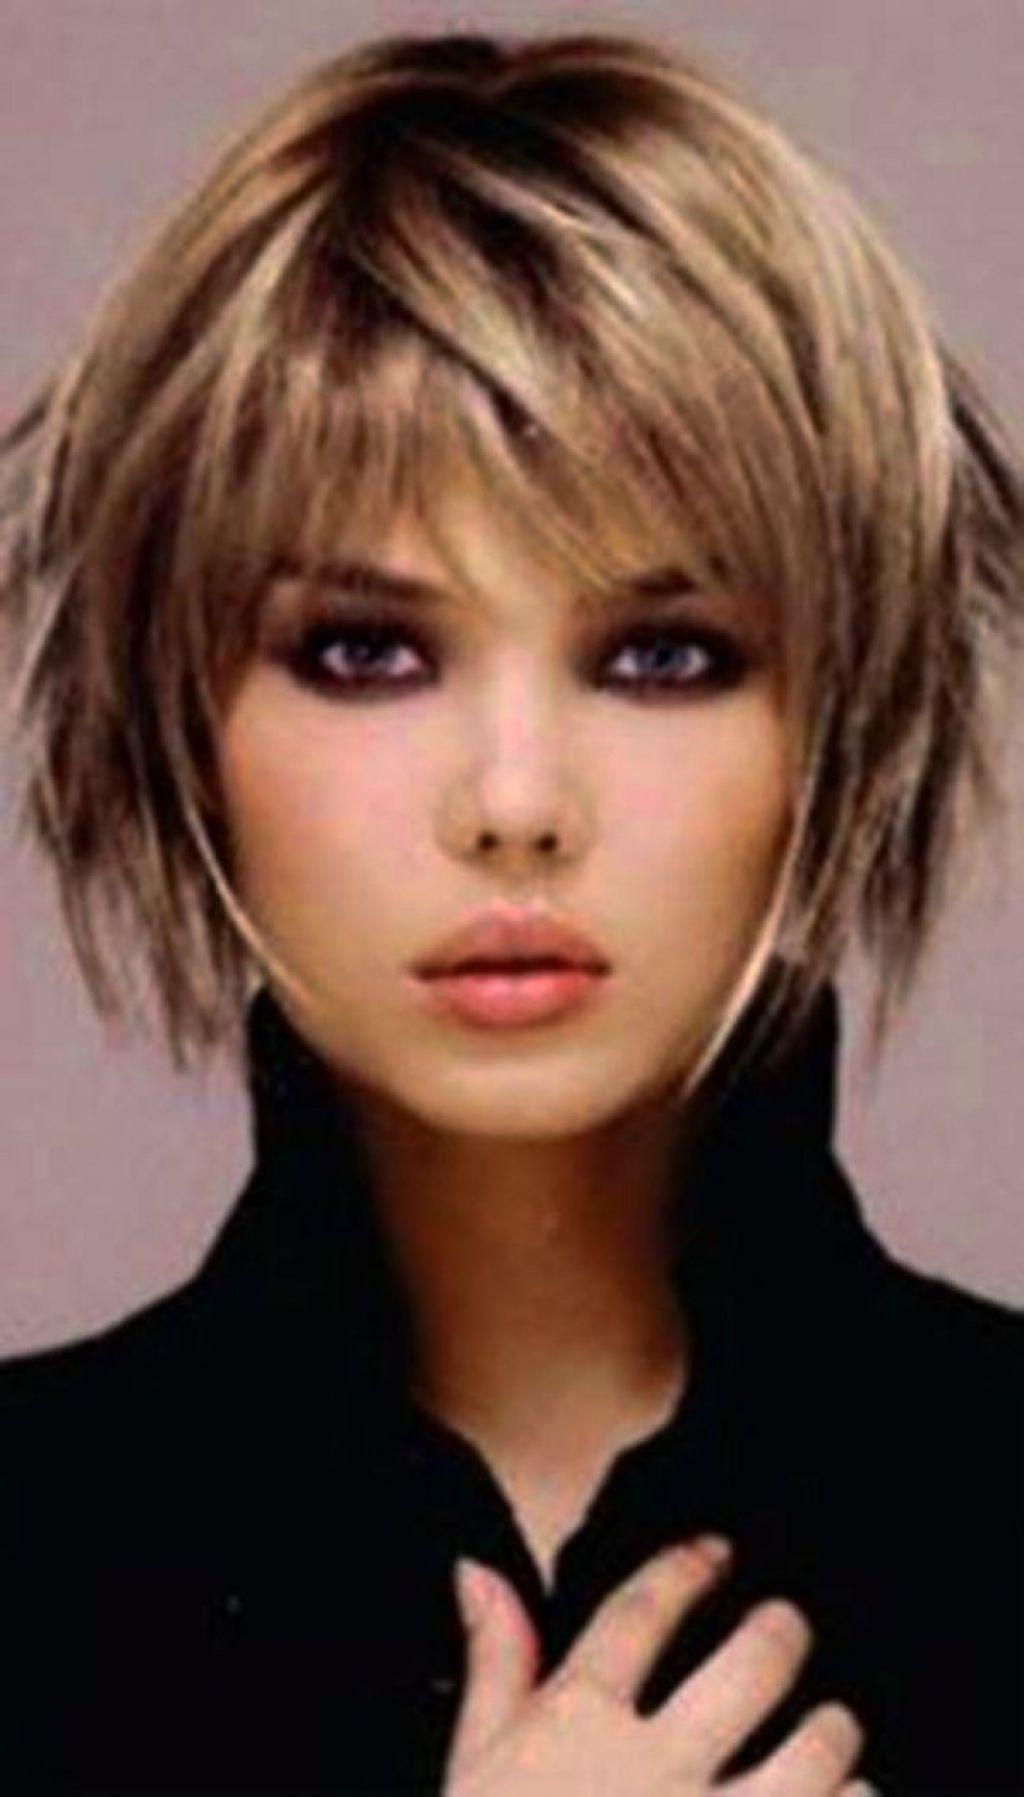 205 Shag Haircuts For Fine Hair | Shaggy Bob Hairstyles Regarding Short Shag Bob Haircuts (View 2 of 20)